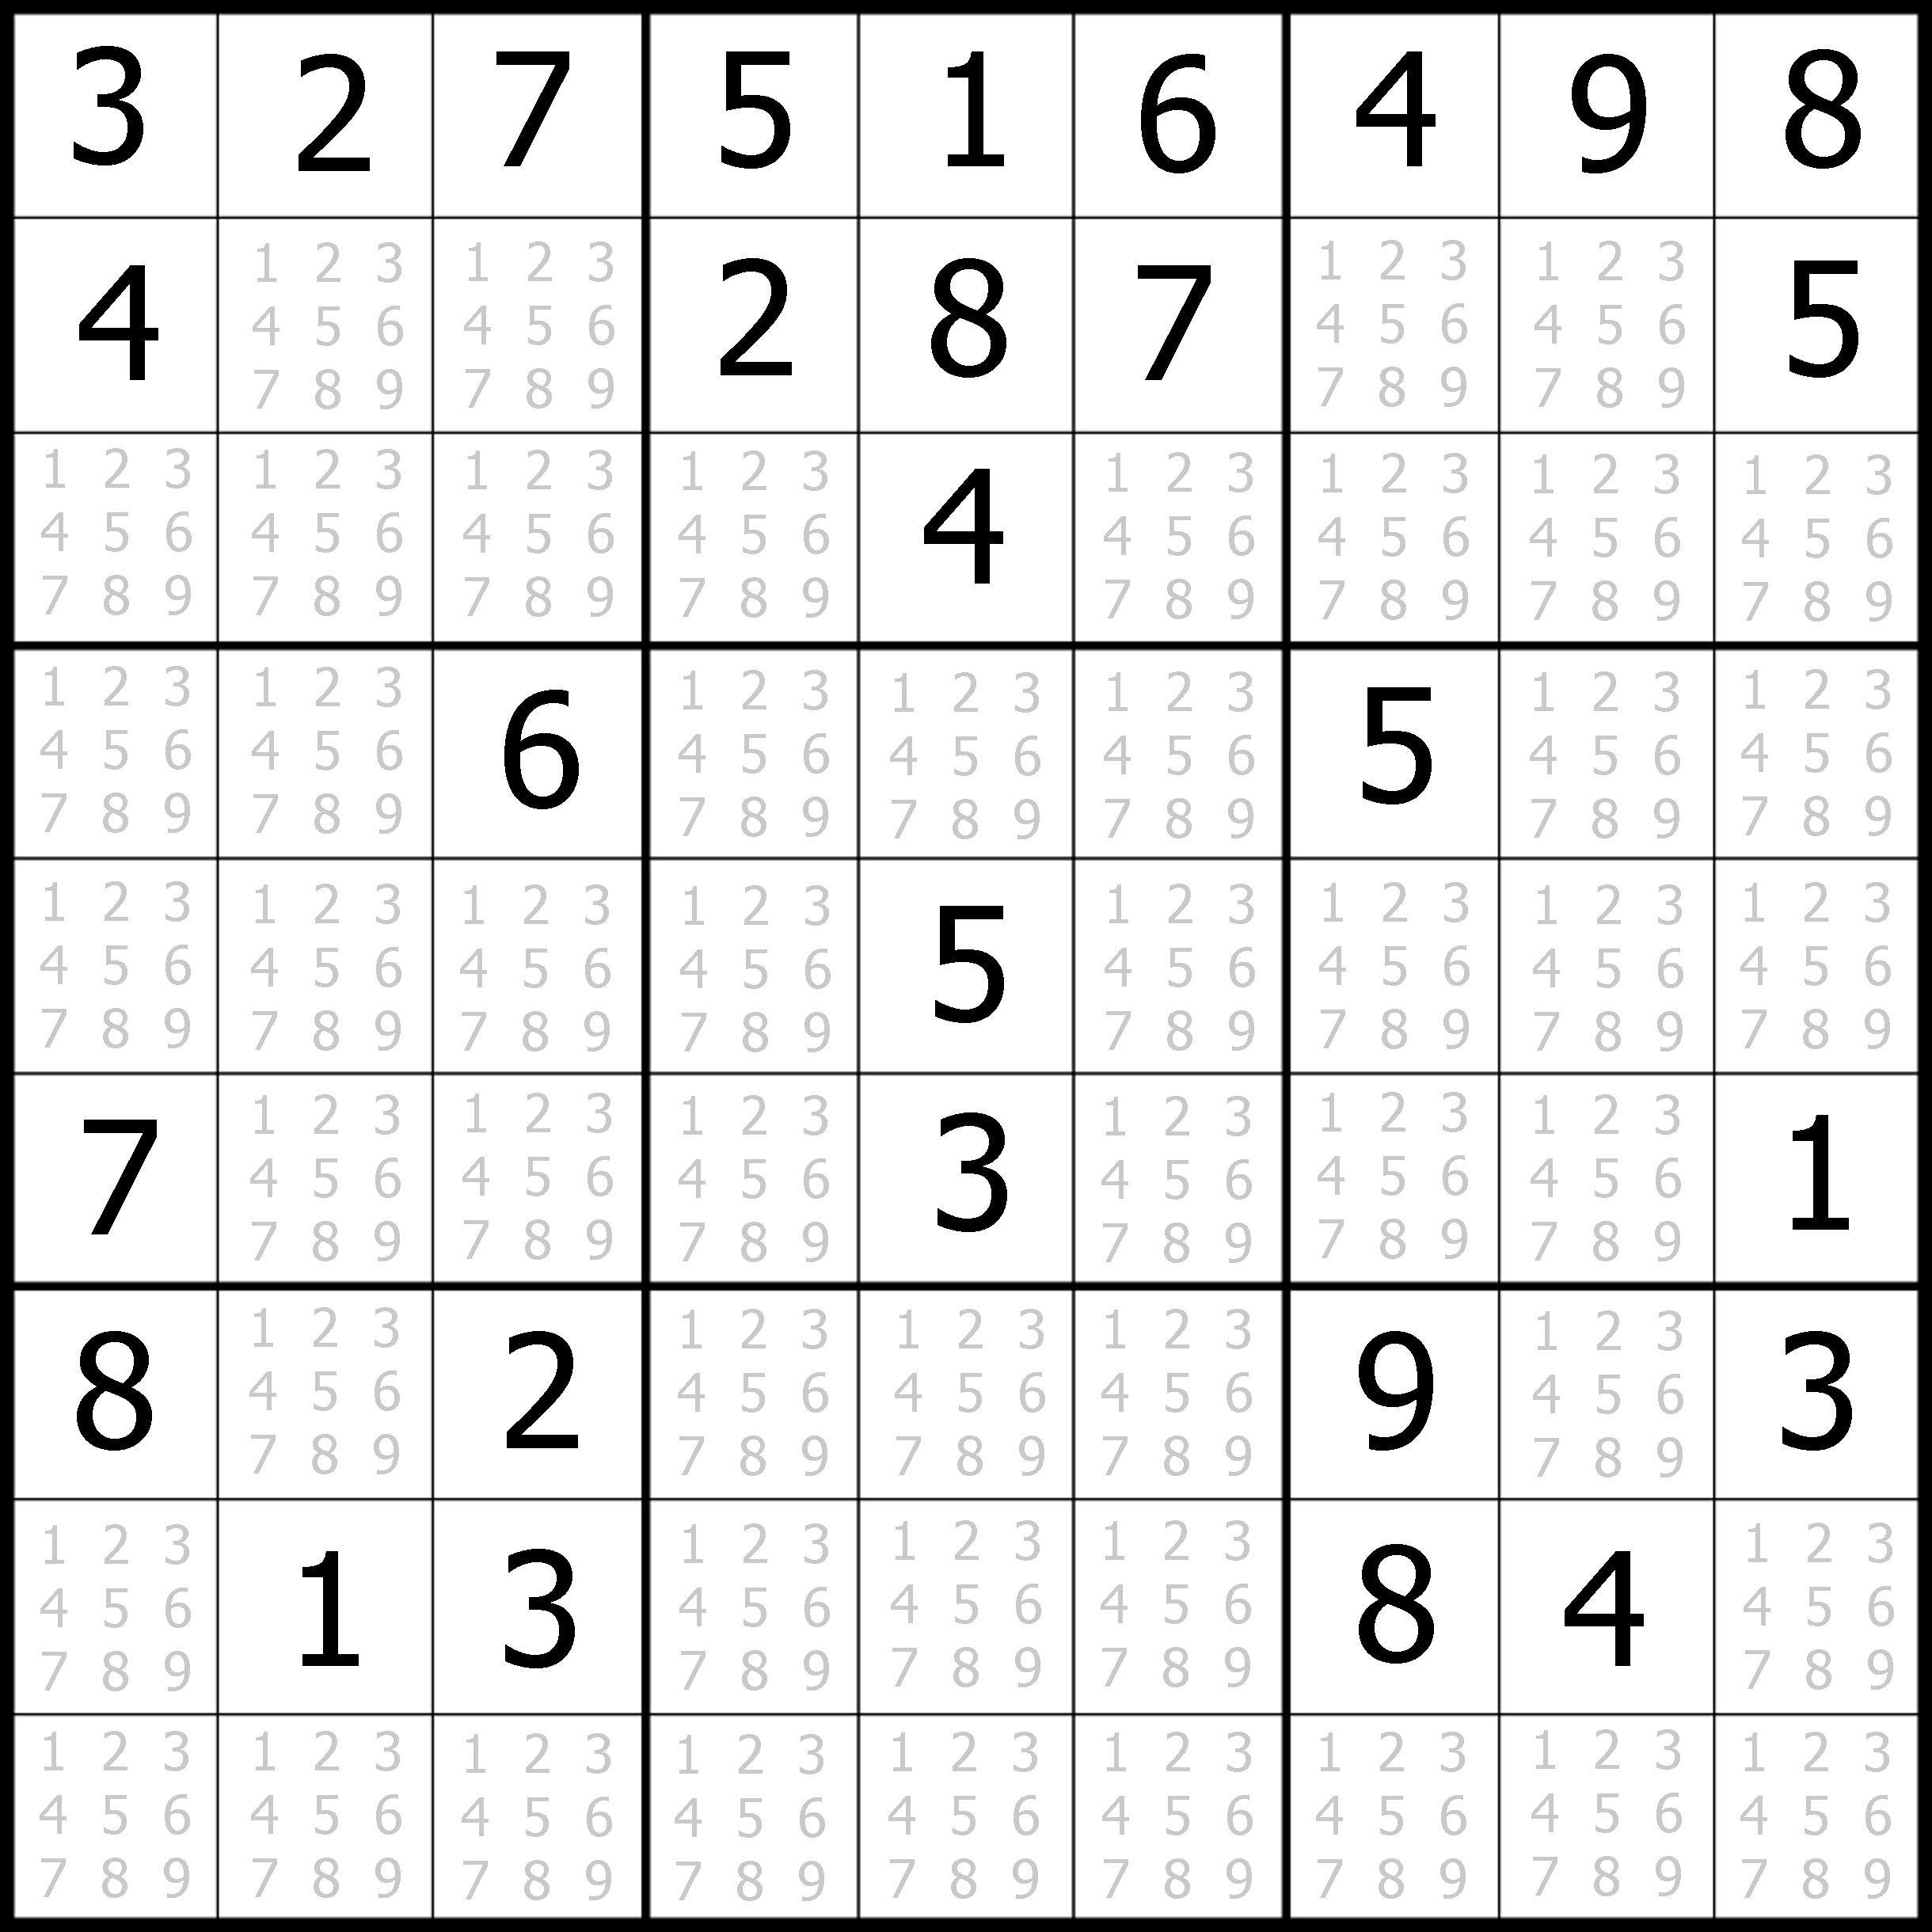 Sudoku Printable   Free, Medium, Printable Sudoku Puzzle #1   My - Free Printable Sudoku Books